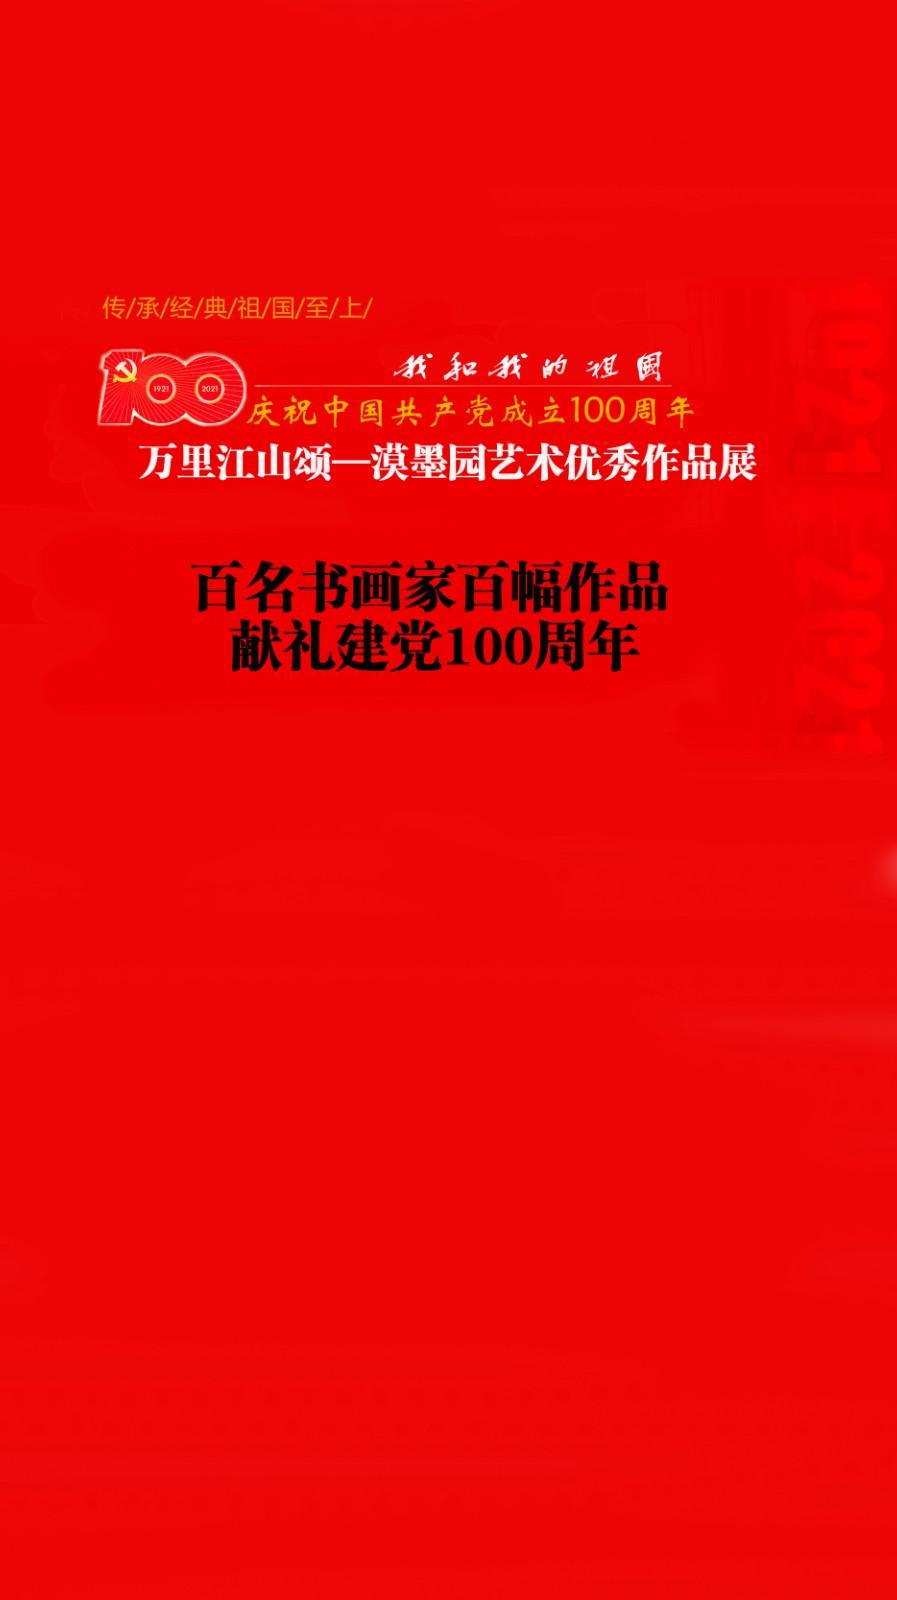 万里江山颂--漠墨园艺术系列活动(第二集)_图1-1